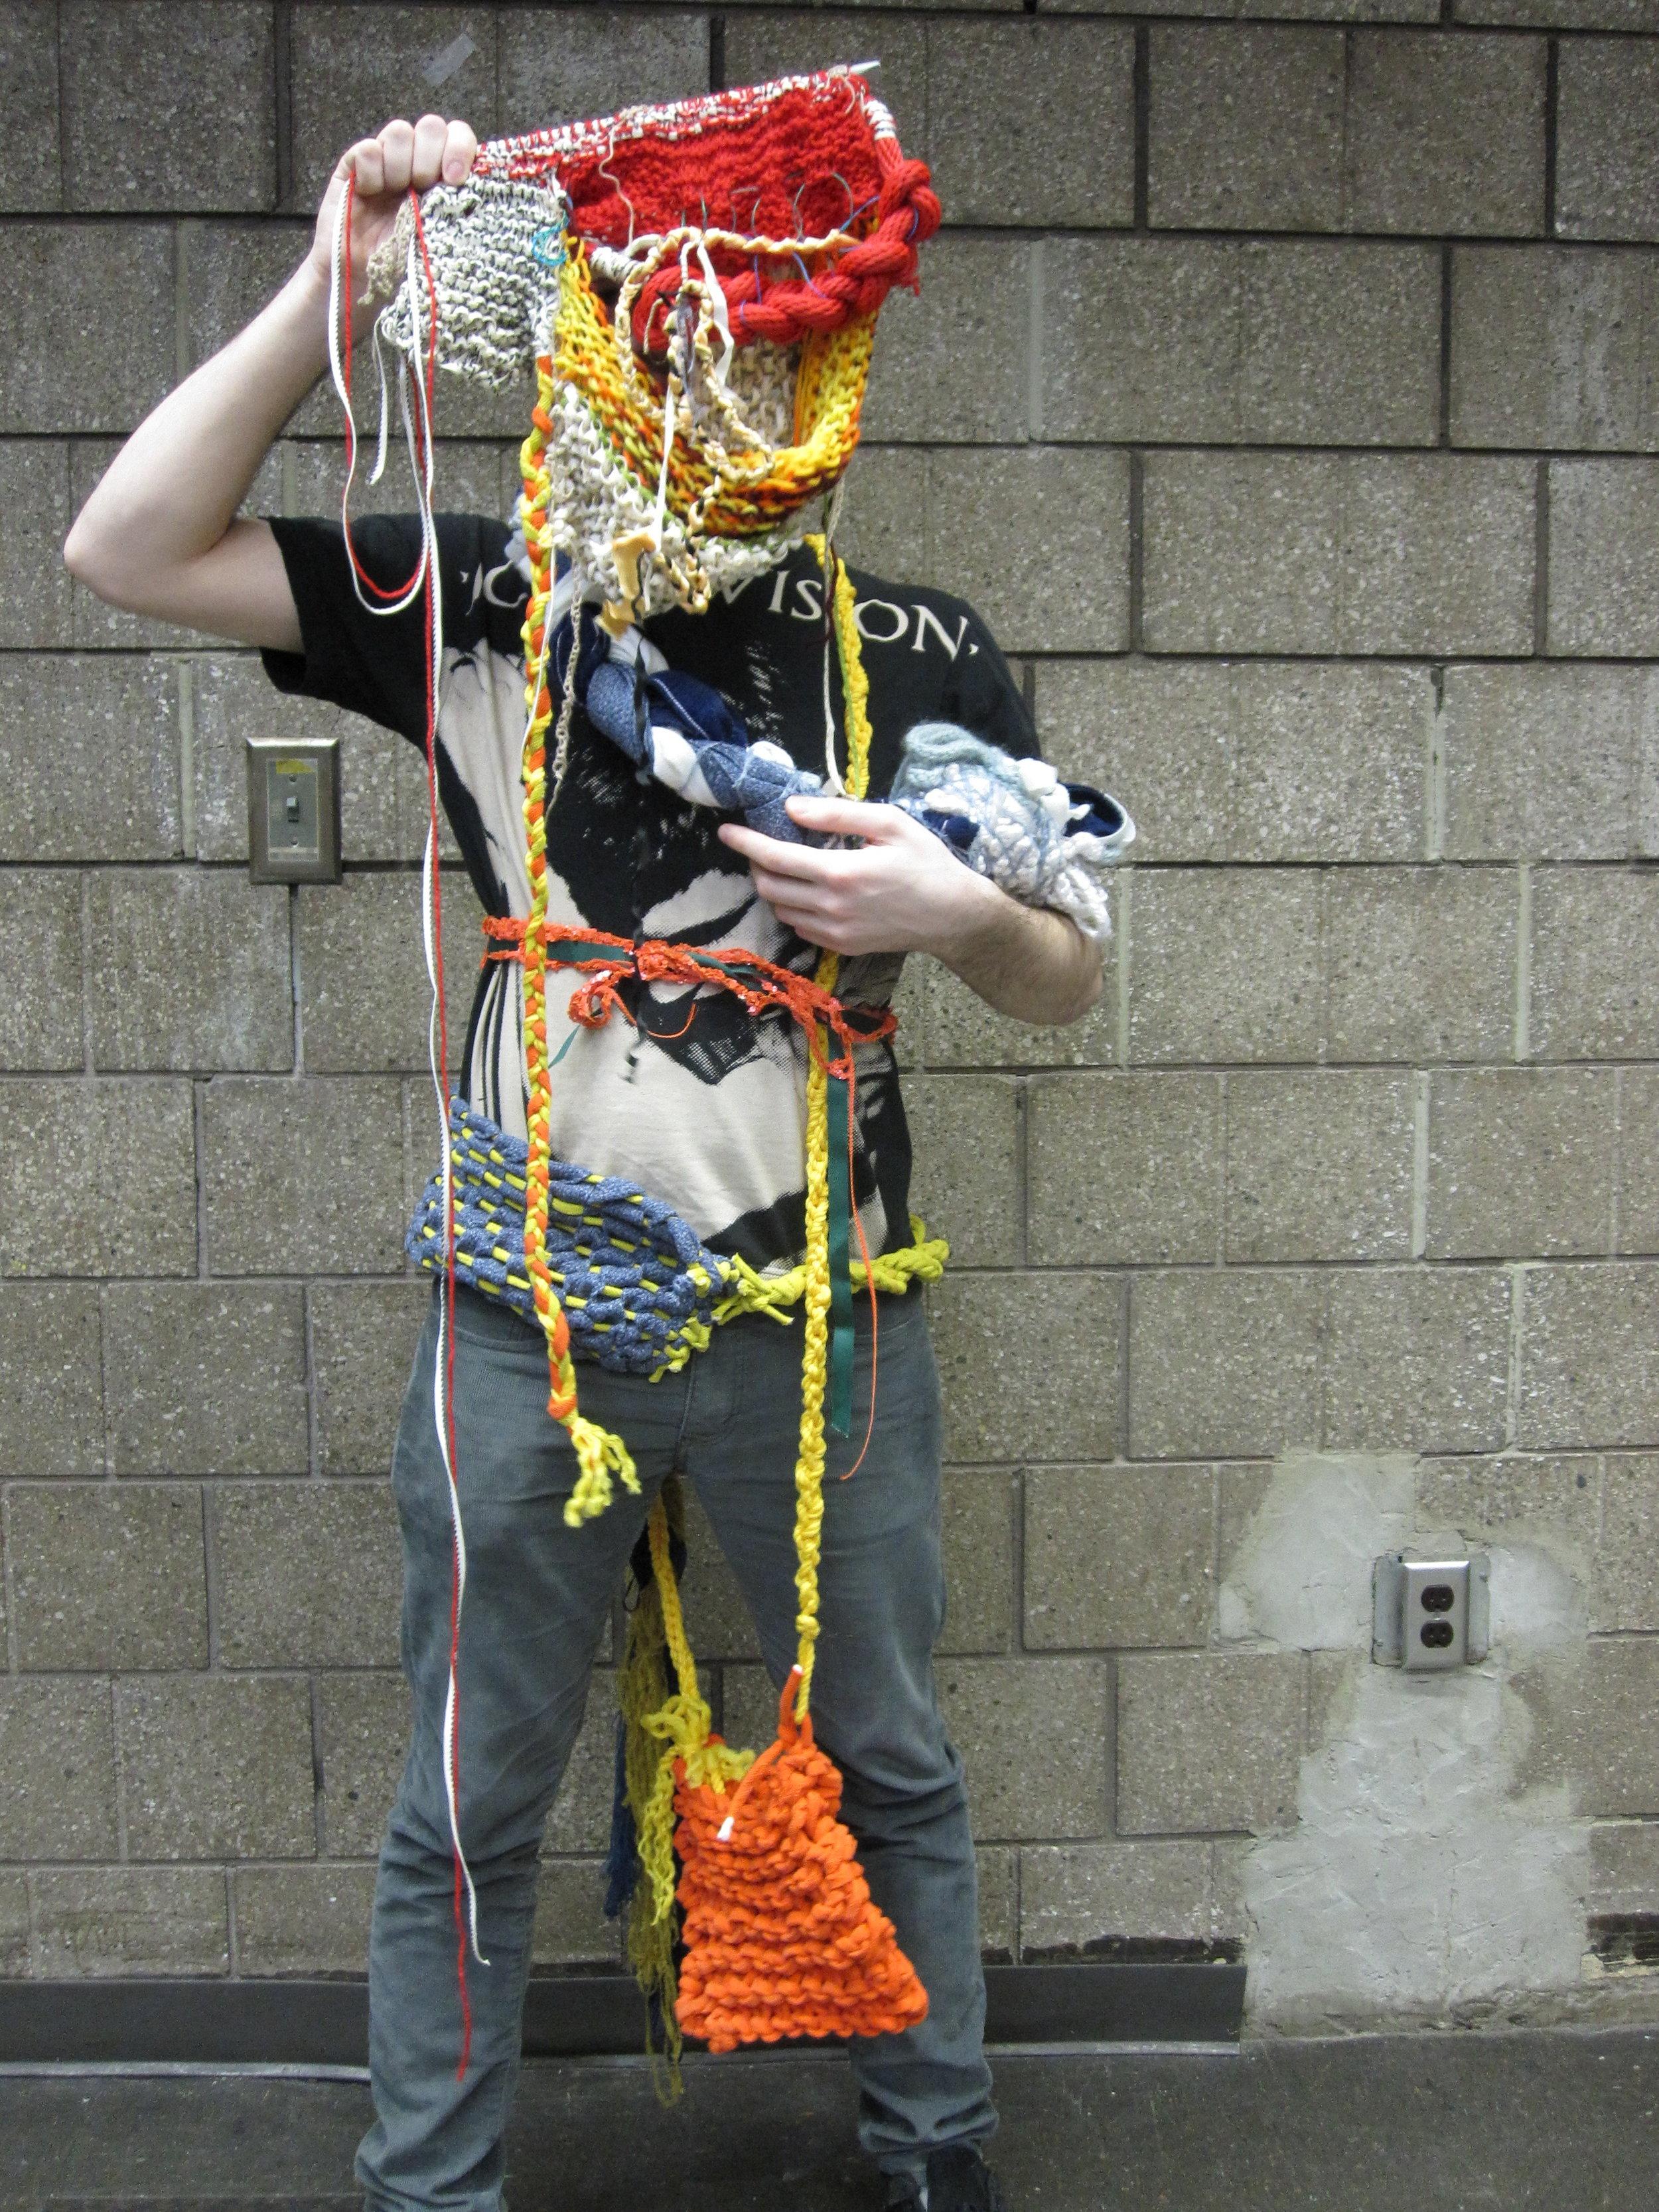 knittingmarathon10_4315246672_o.jpg